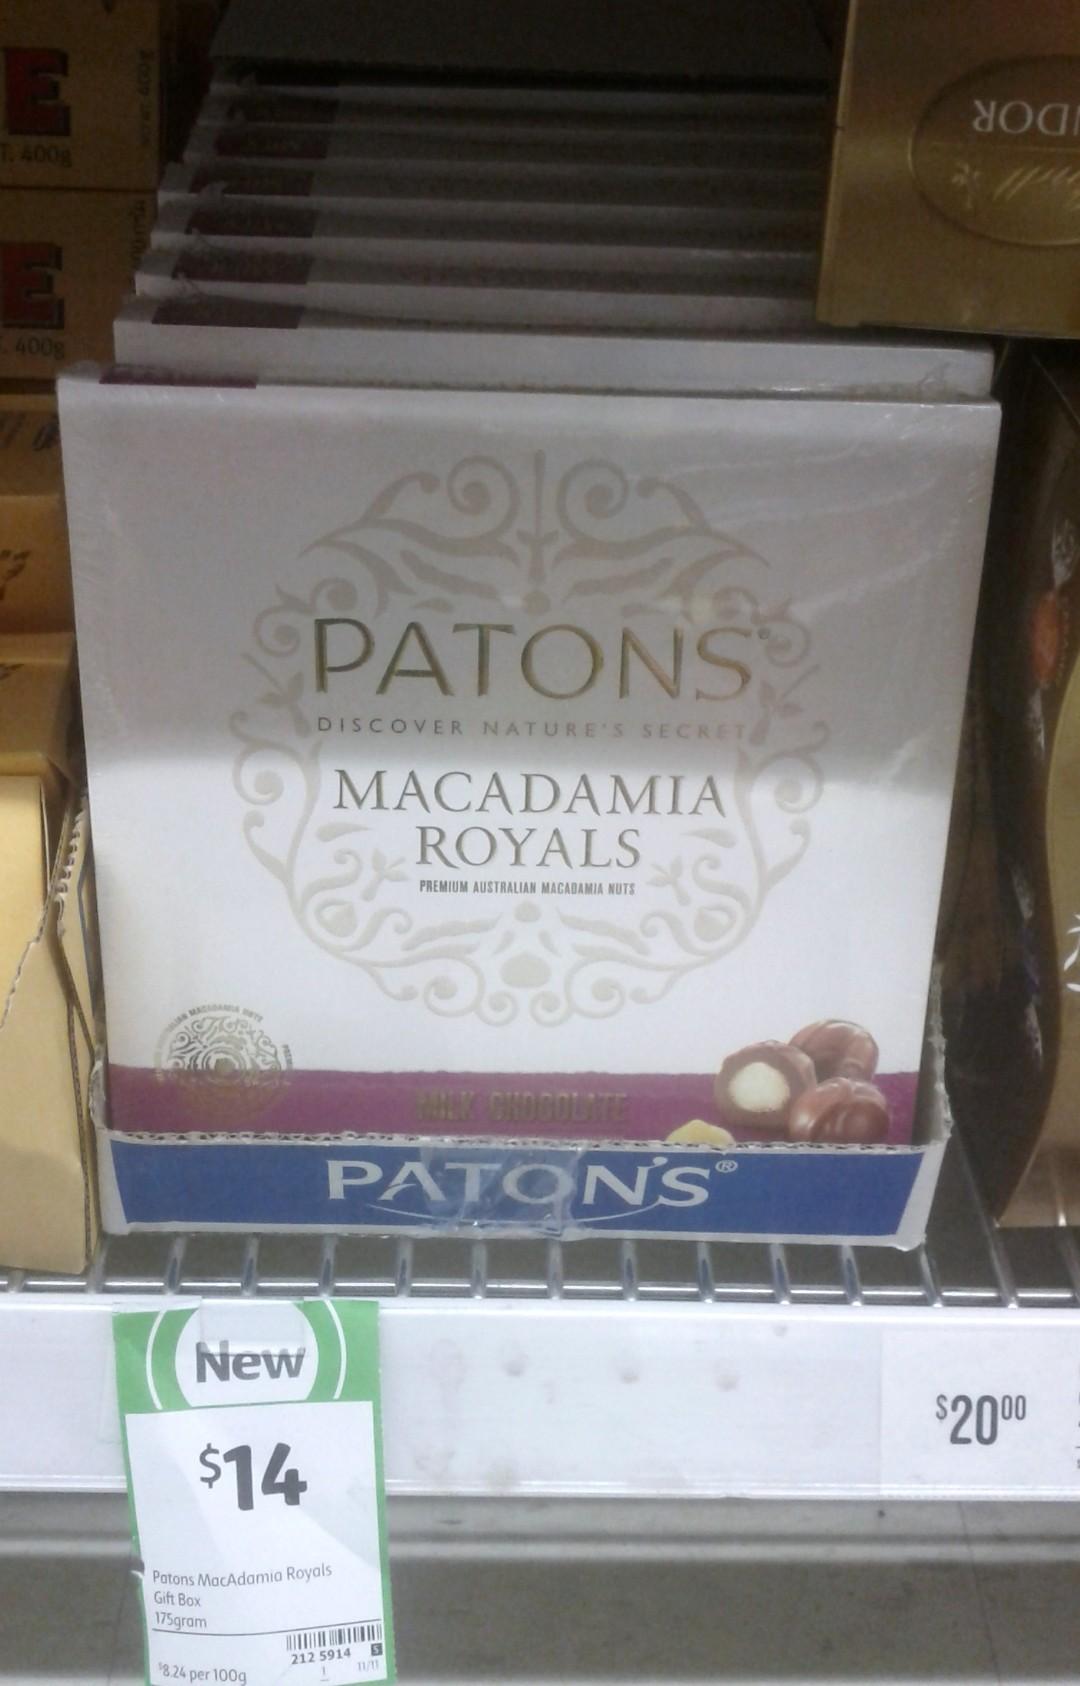 Patons 175g Macadamia Royals